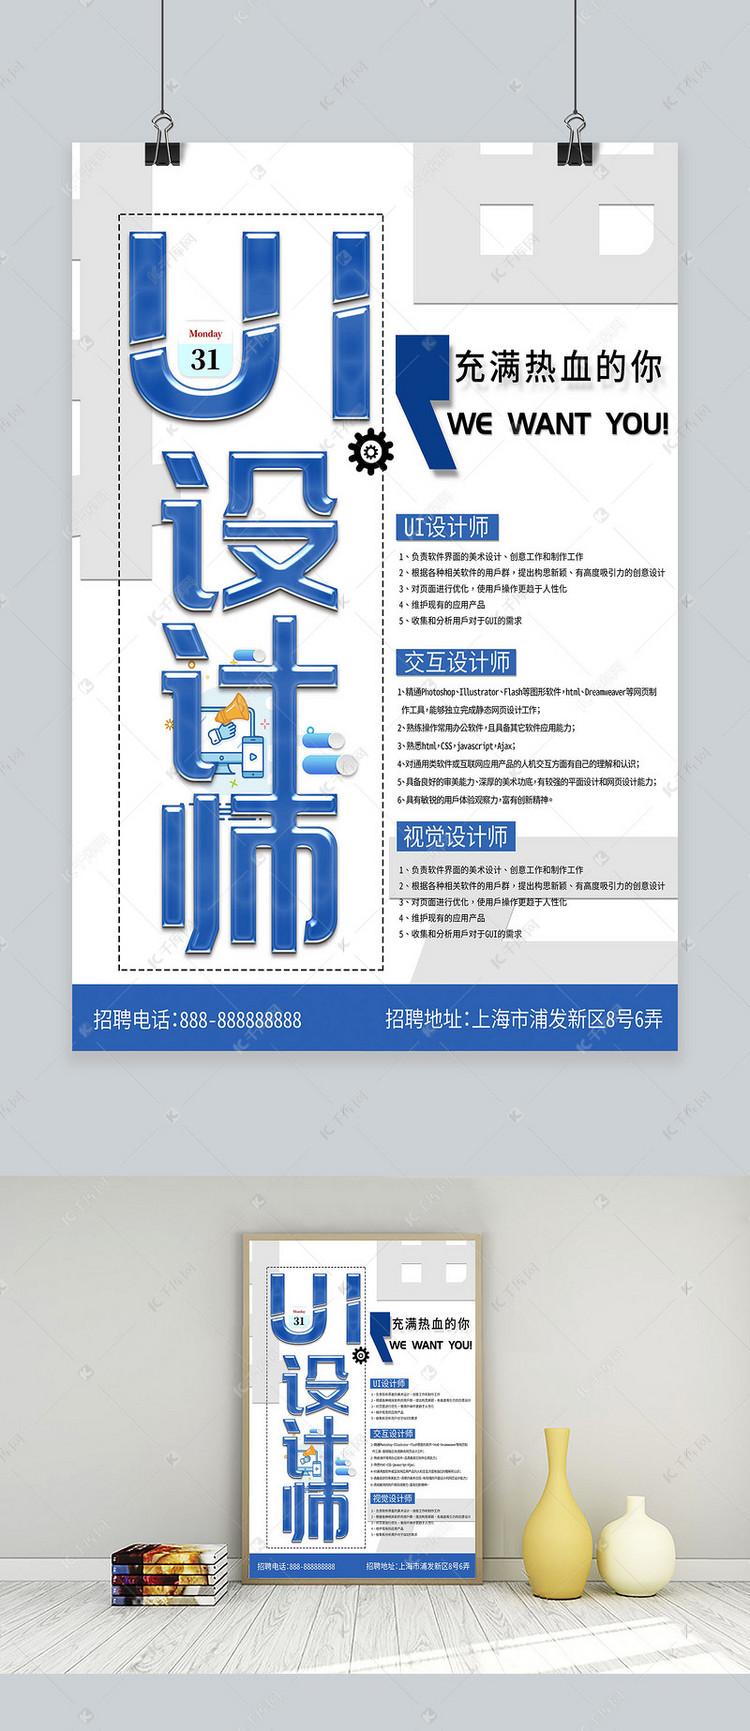 大气简约蓝色UI设计师v大气海报规划设计会展中心图片